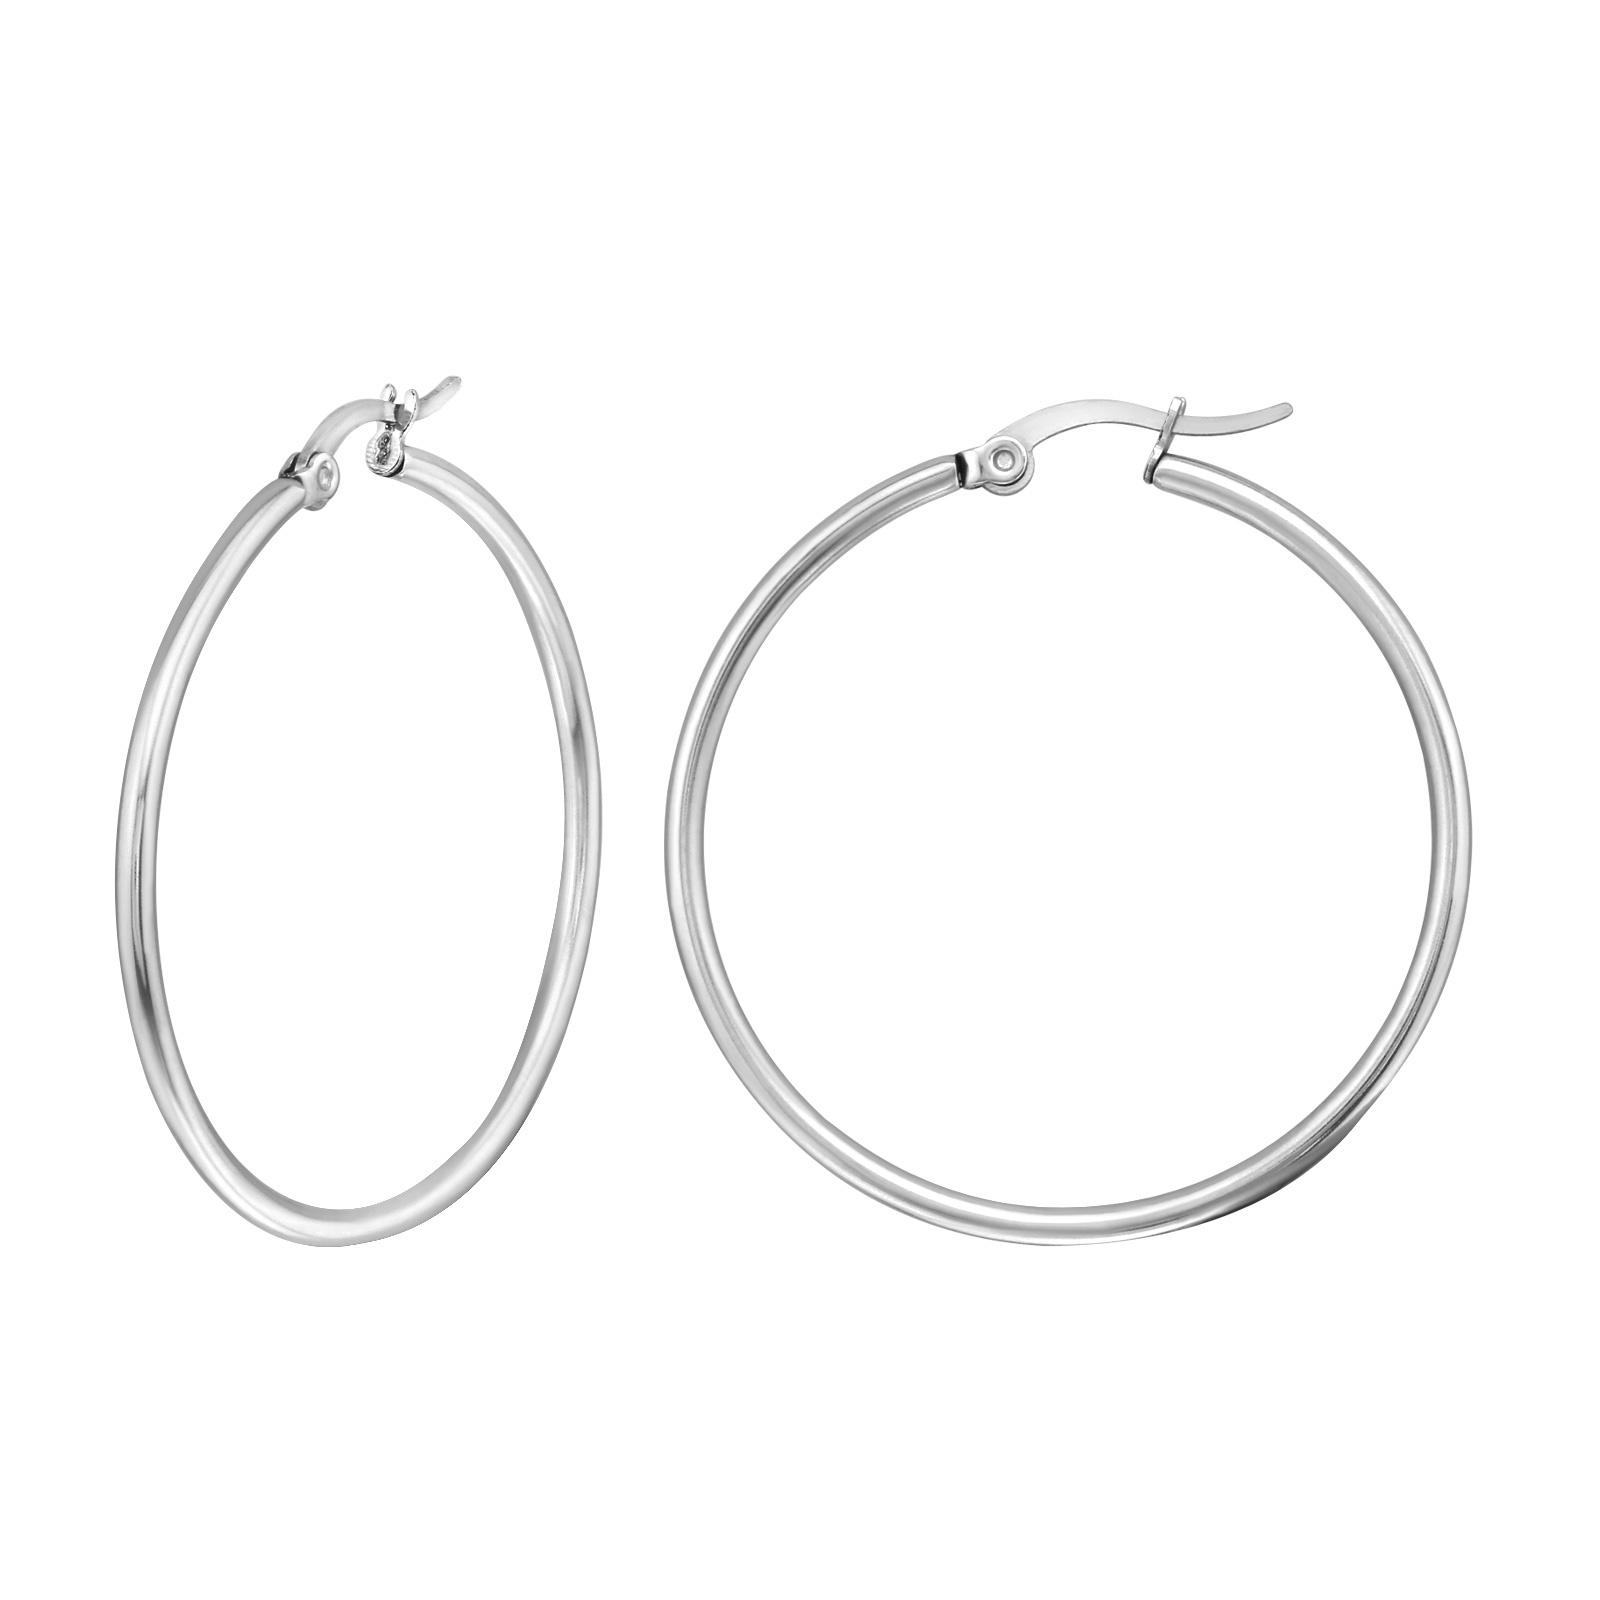 Große Creolen Ohrringe - Silber-1